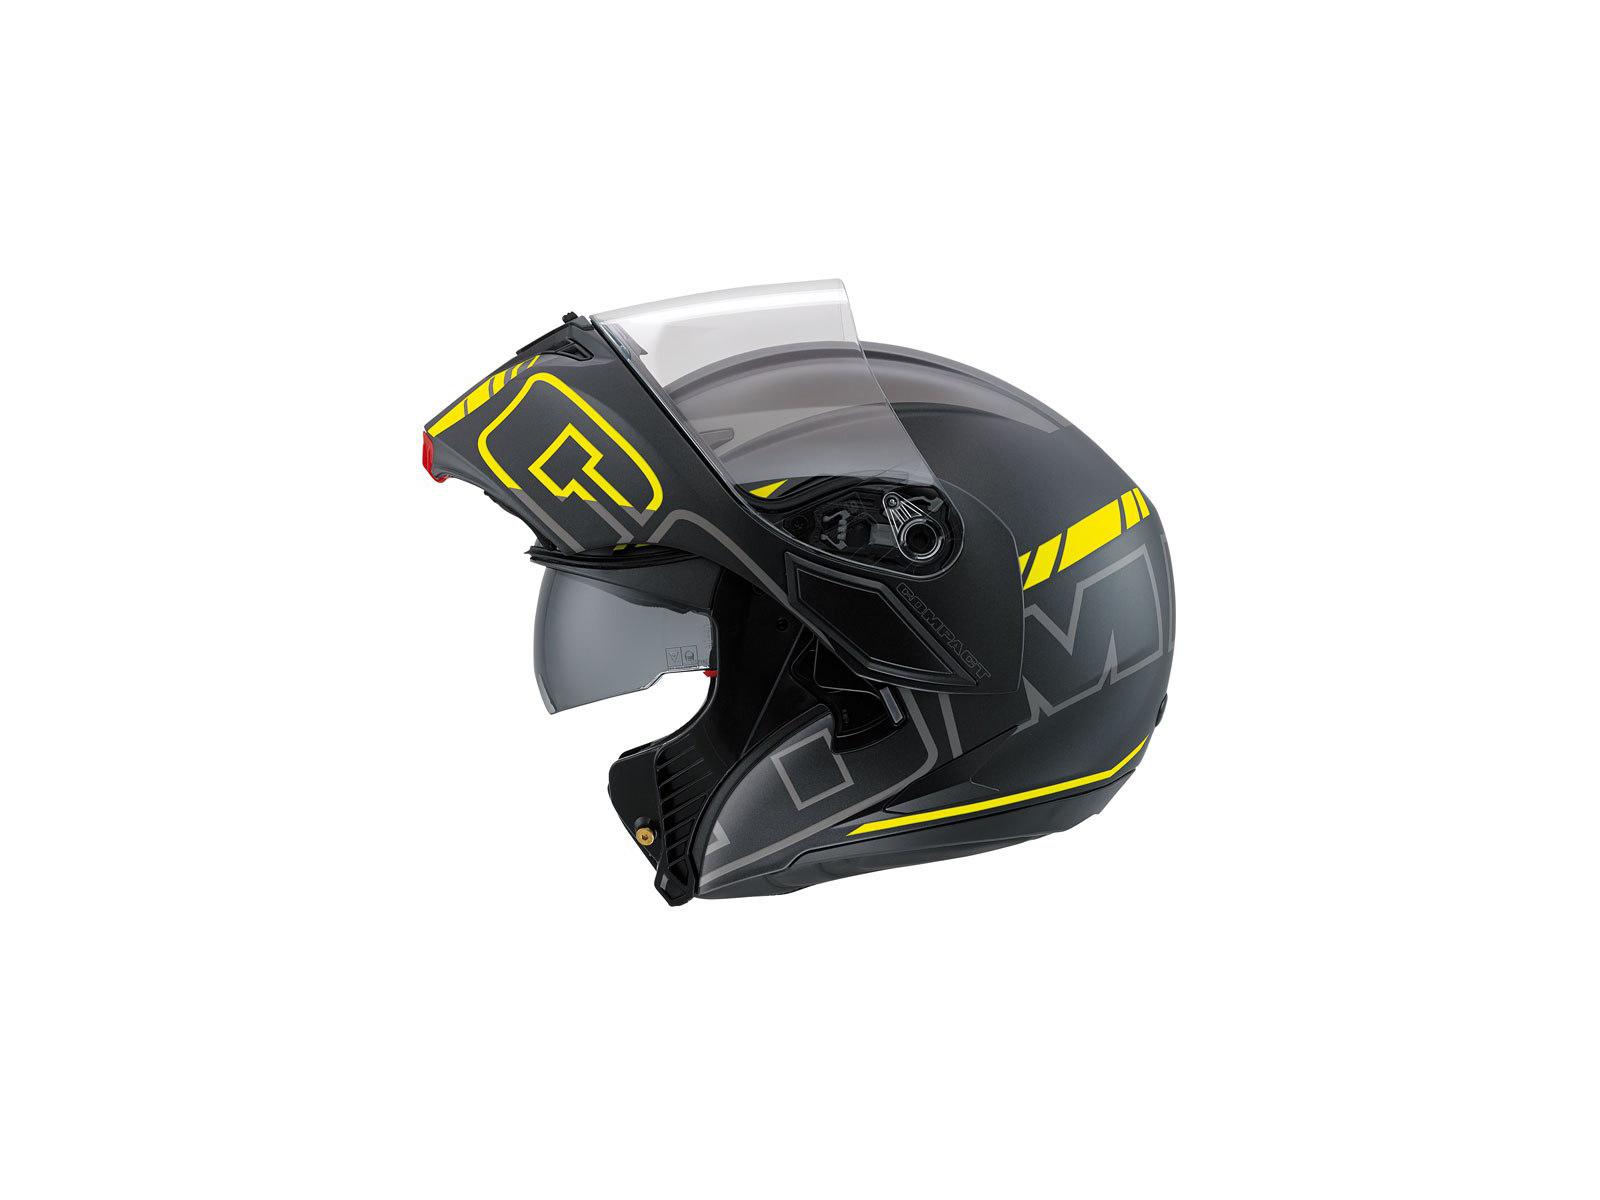 casque de moto modulable pour l 39 t agv compact seattle moto scooter motos d 39 occasion. Black Bedroom Furniture Sets. Home Design Ideas